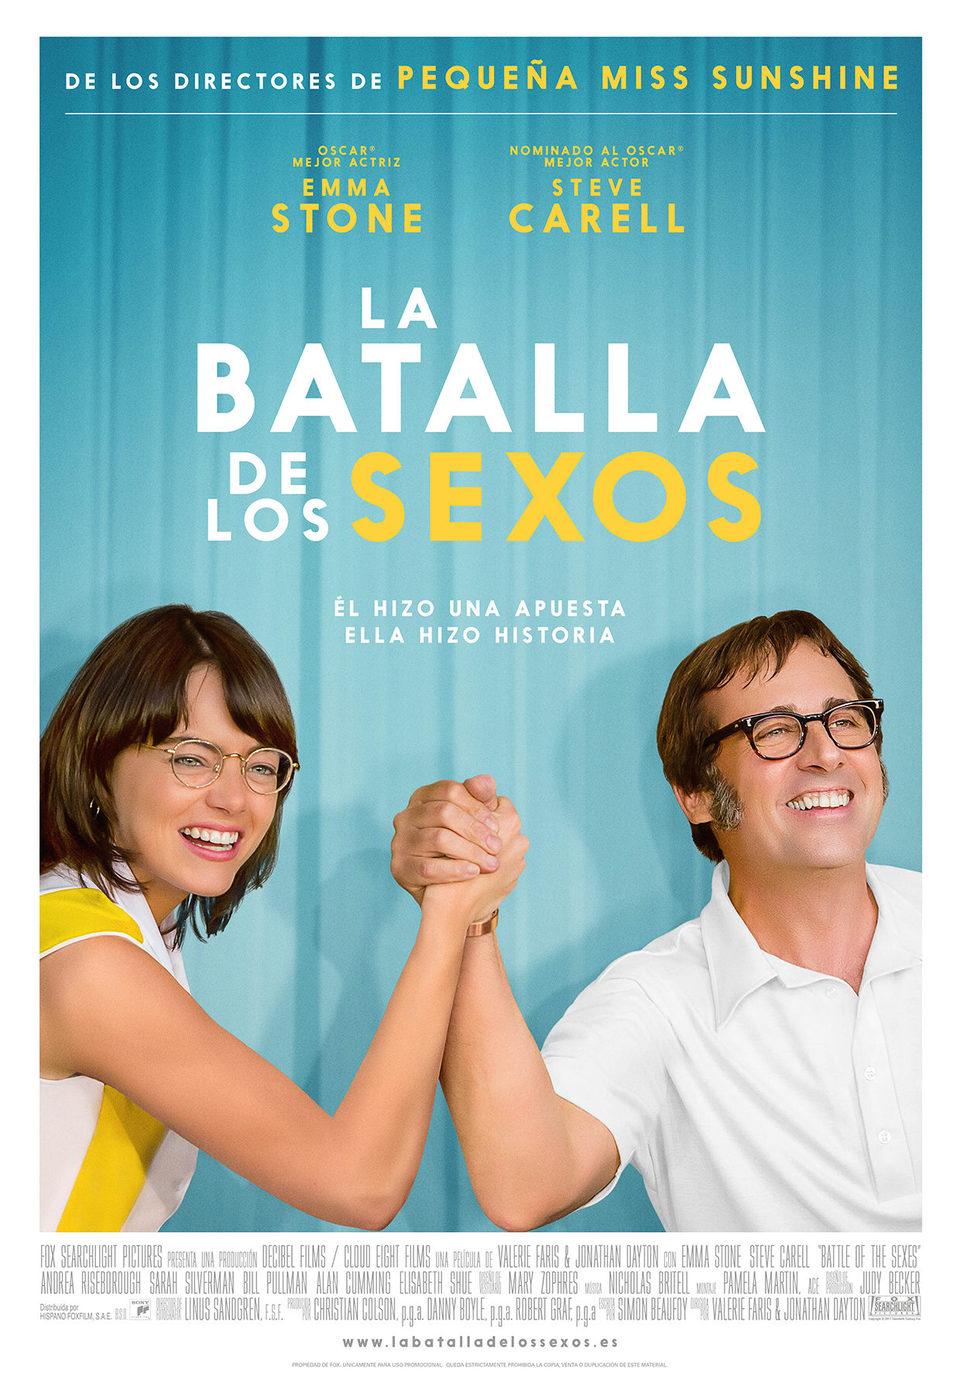 Cartel España de 'La batalla de los sexos'